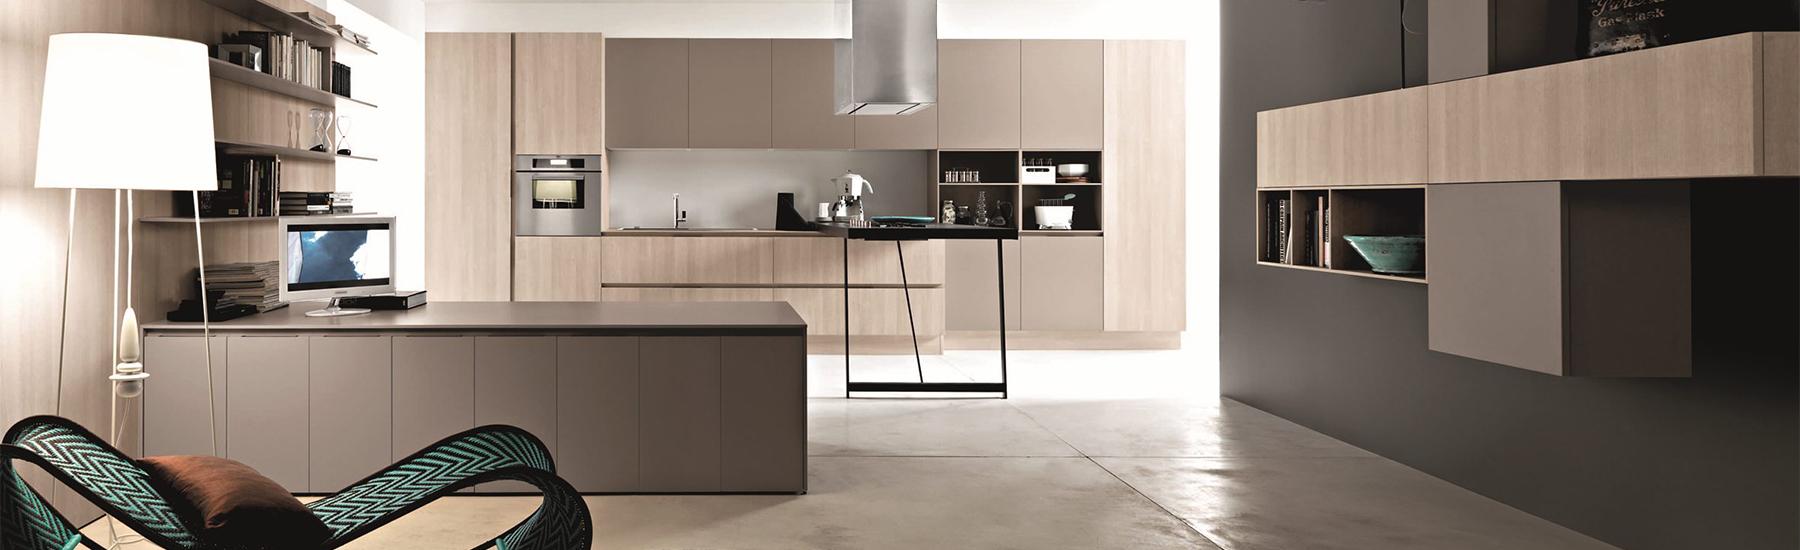 ambiente_cucina